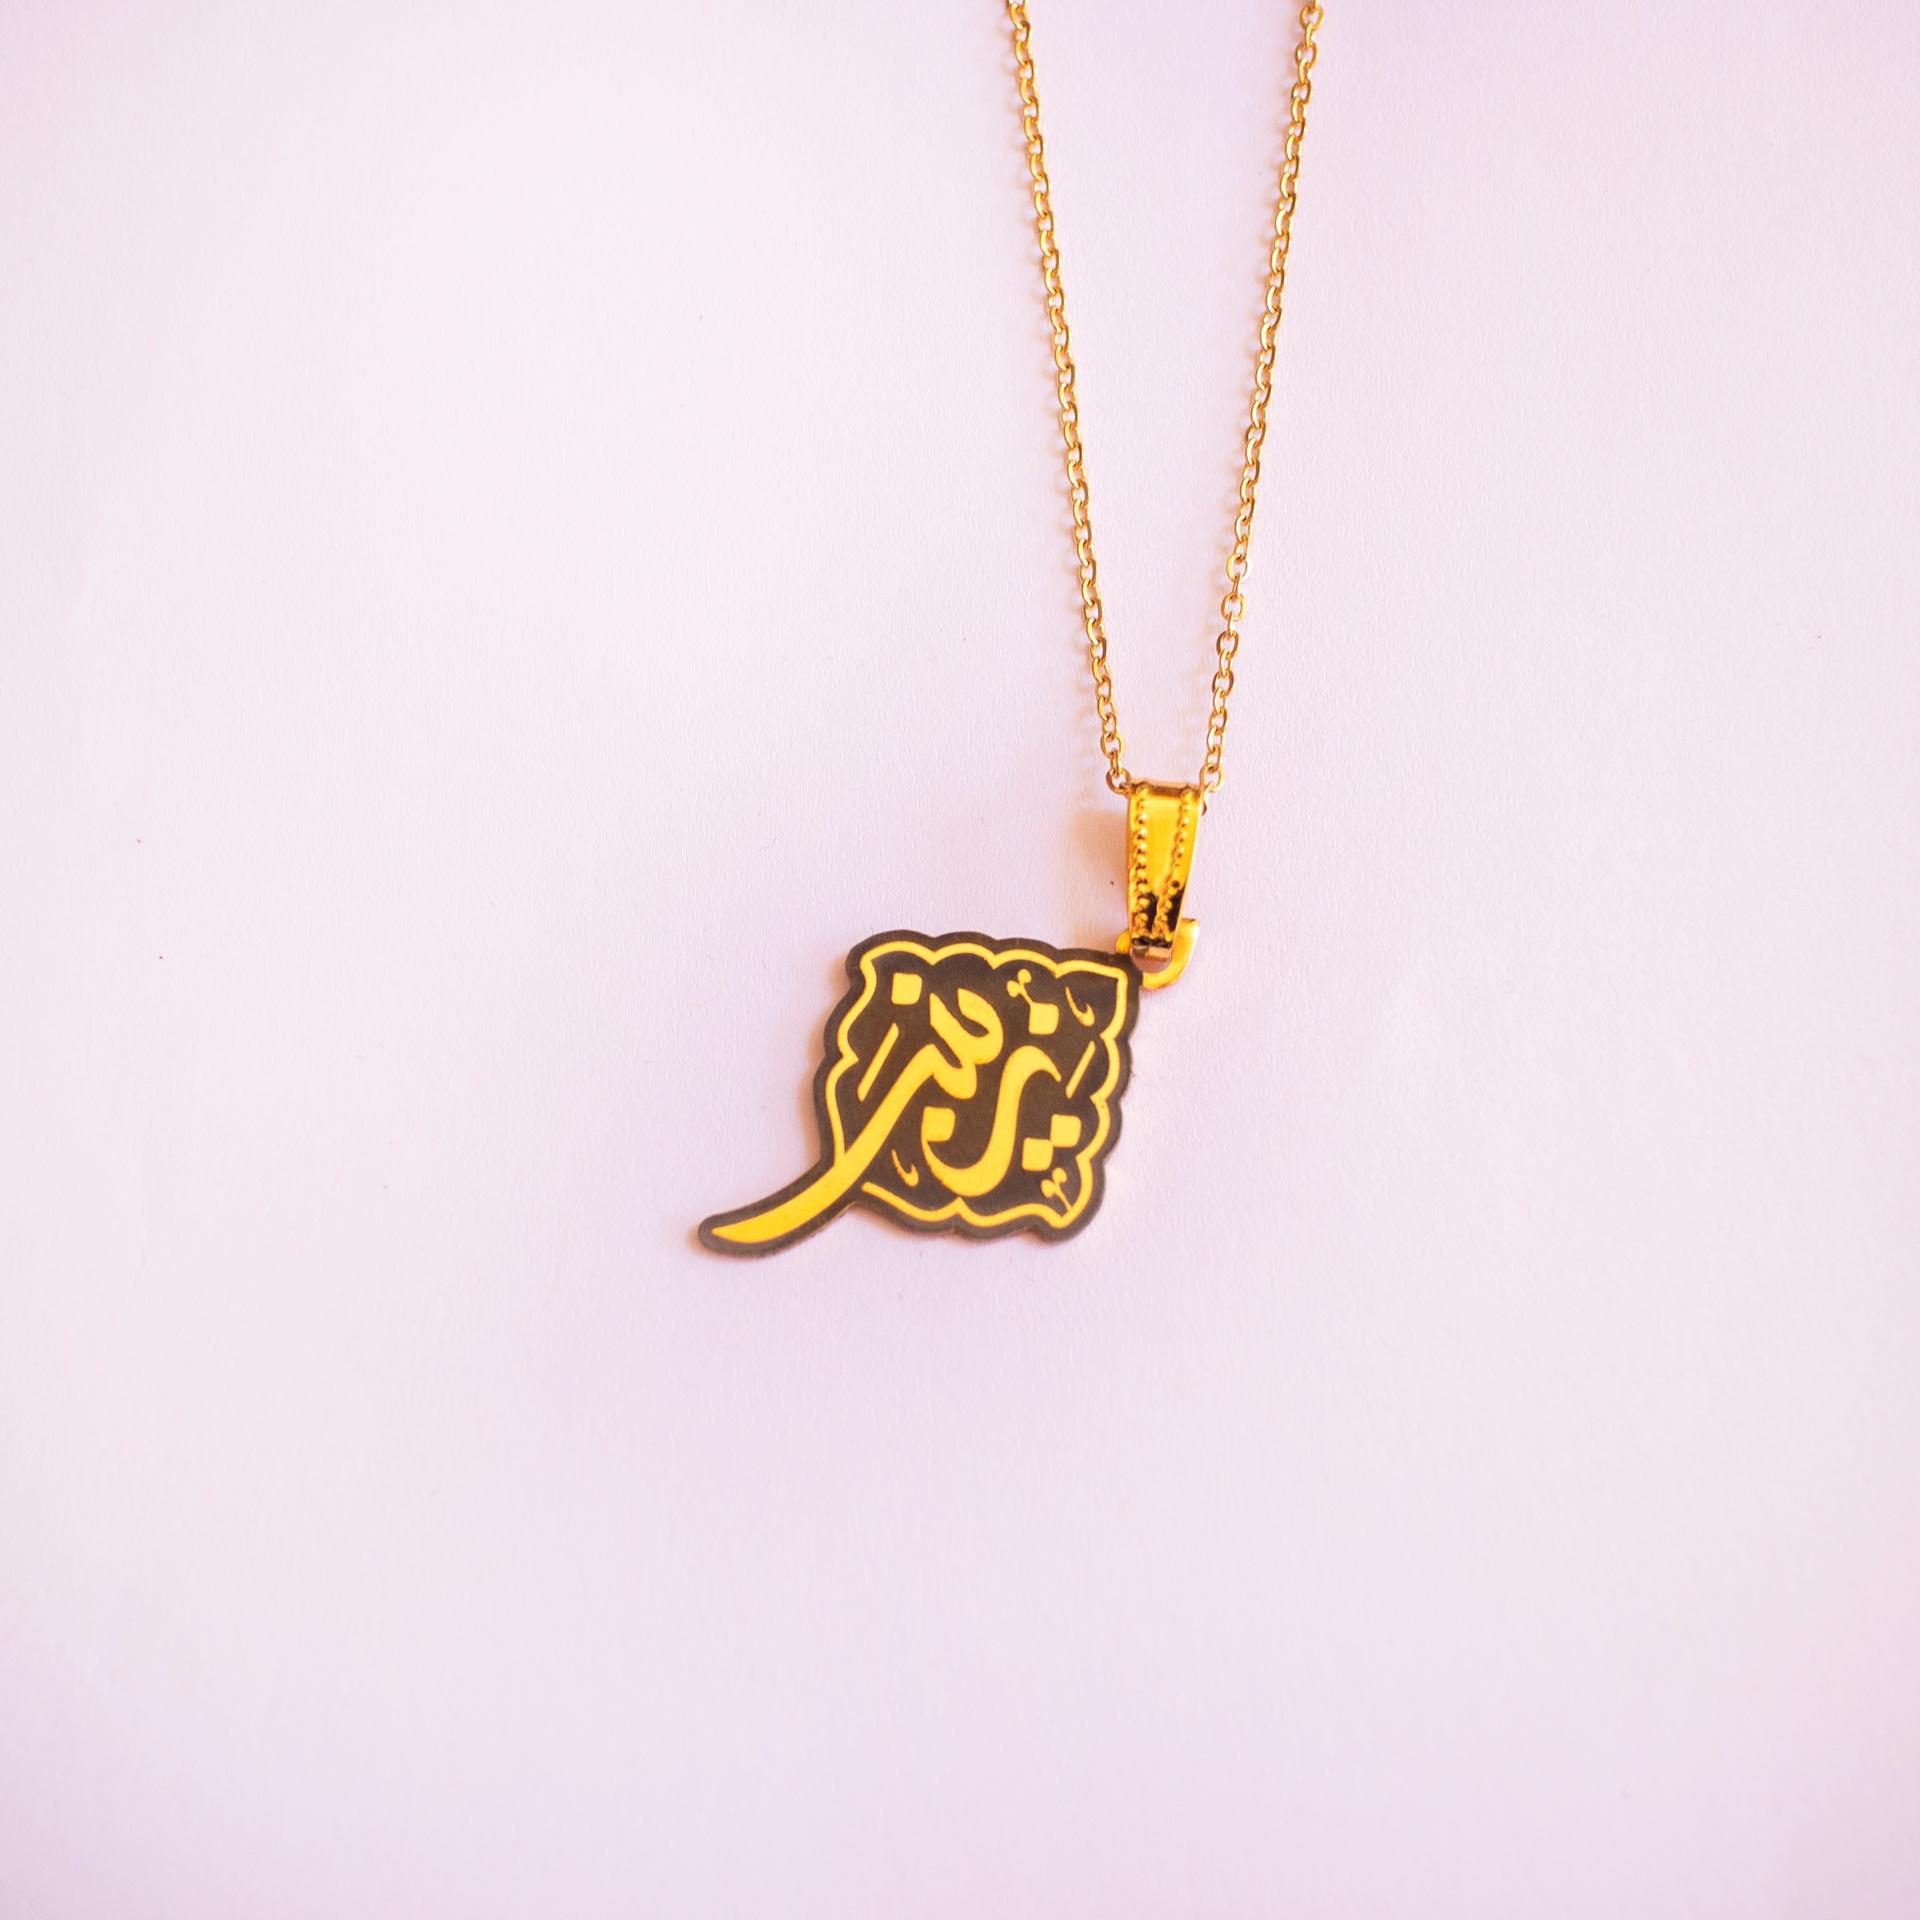 تصویر از گردنبند طرح «زینب» برنجی با چاپ لیزر